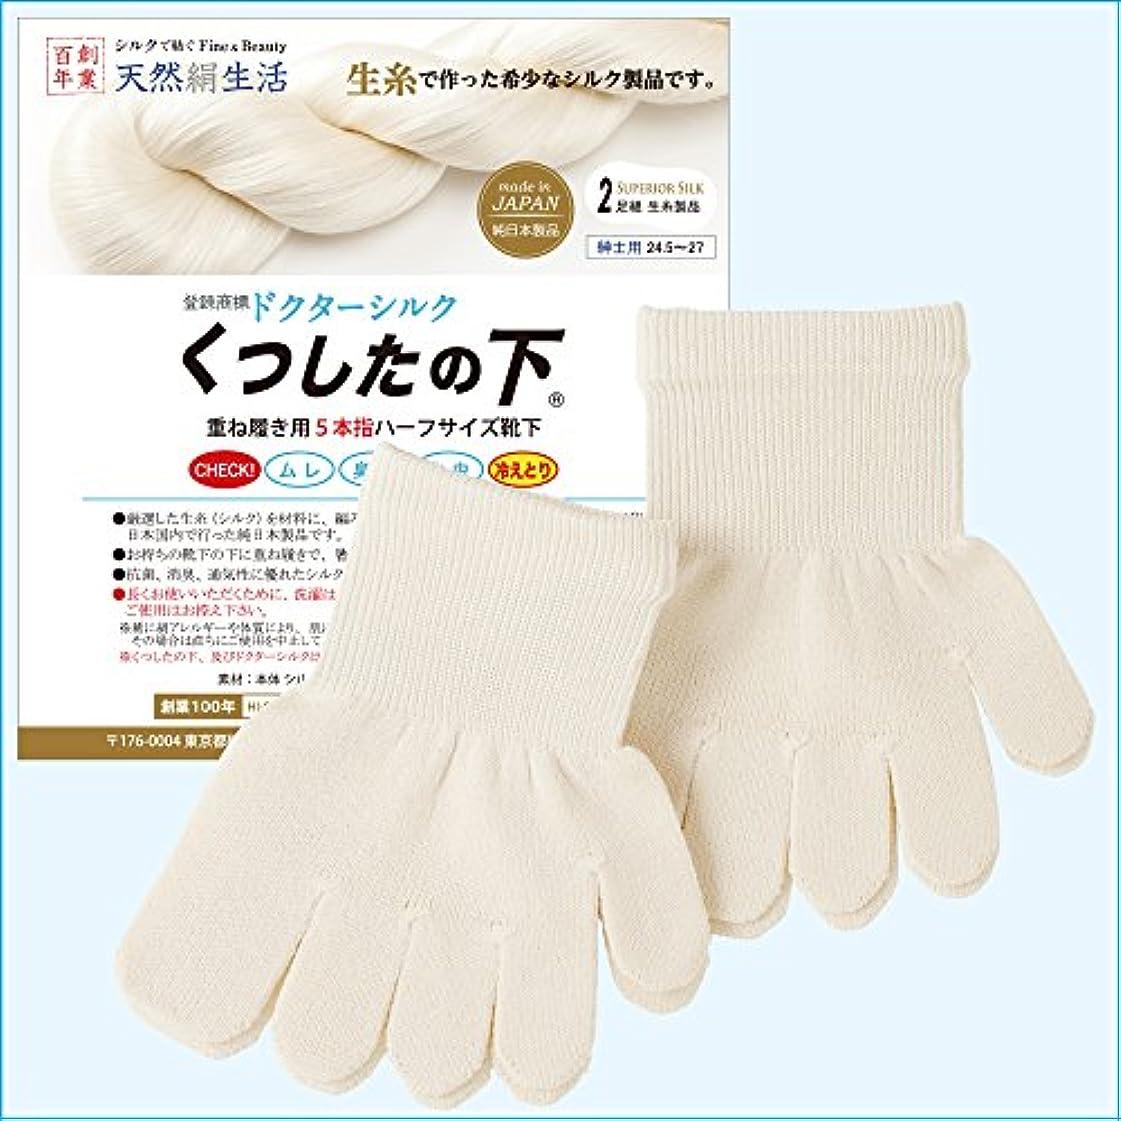 アラブラップ絶望的な【純日本製】最高峰シルク 生糸 の5本指靴下-紳士用2足組『くつしたの下』生成り/蒸れ?水虫にも